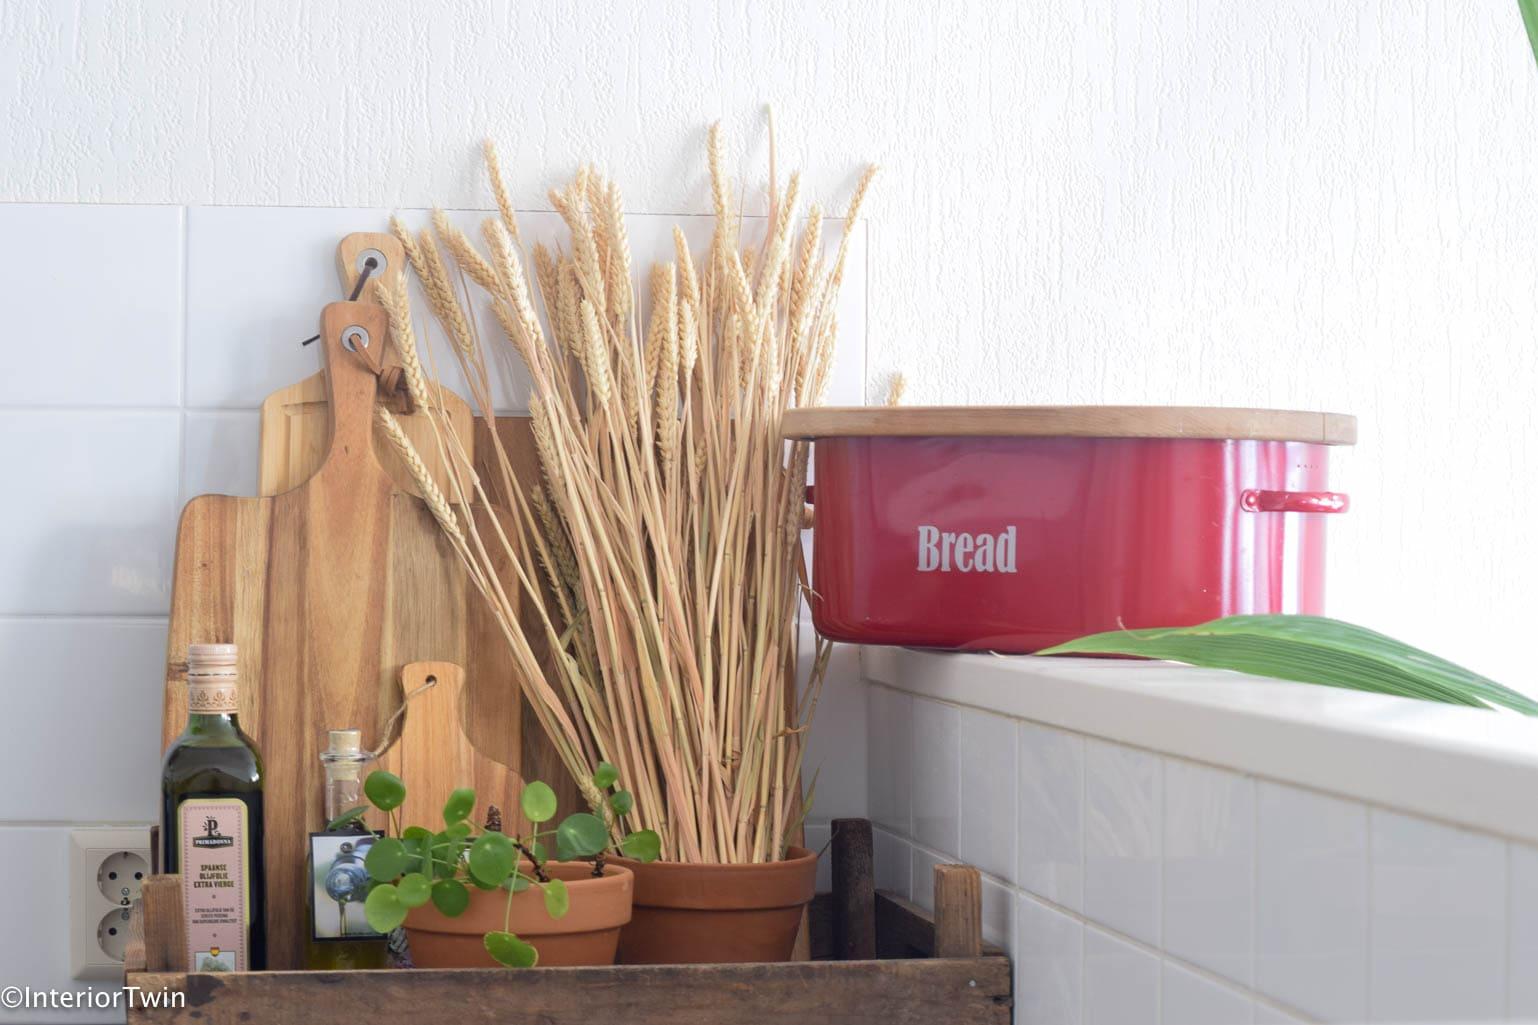 accessoires in de keuken